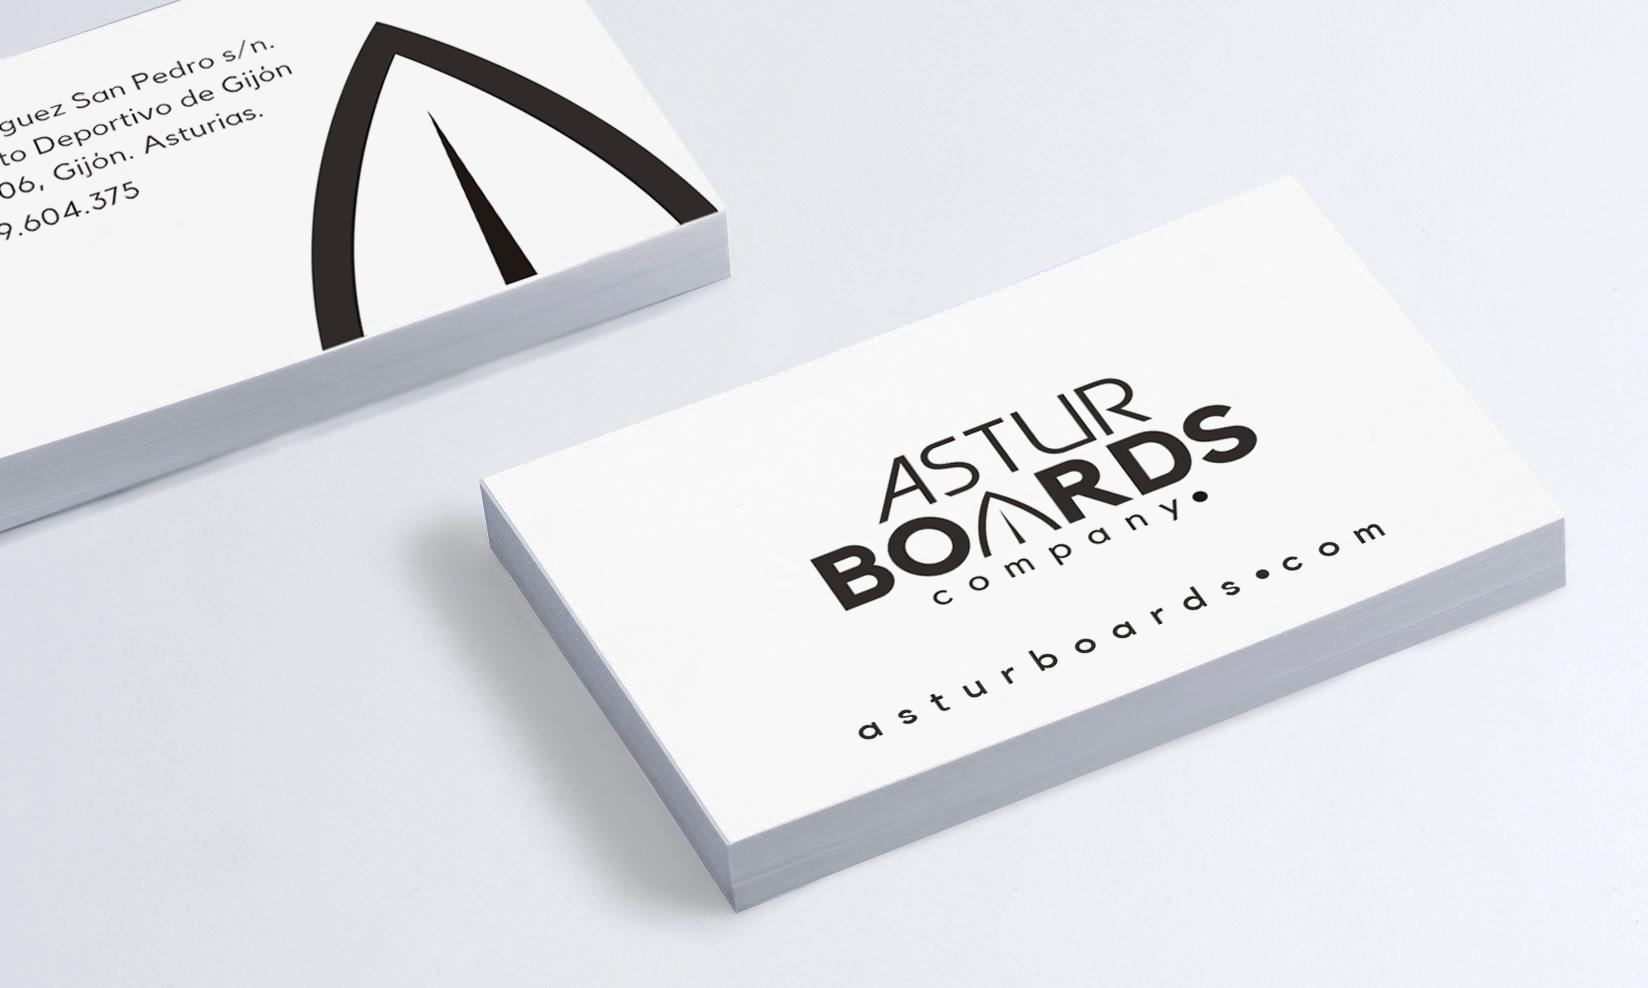 Tarjeta Asturboards